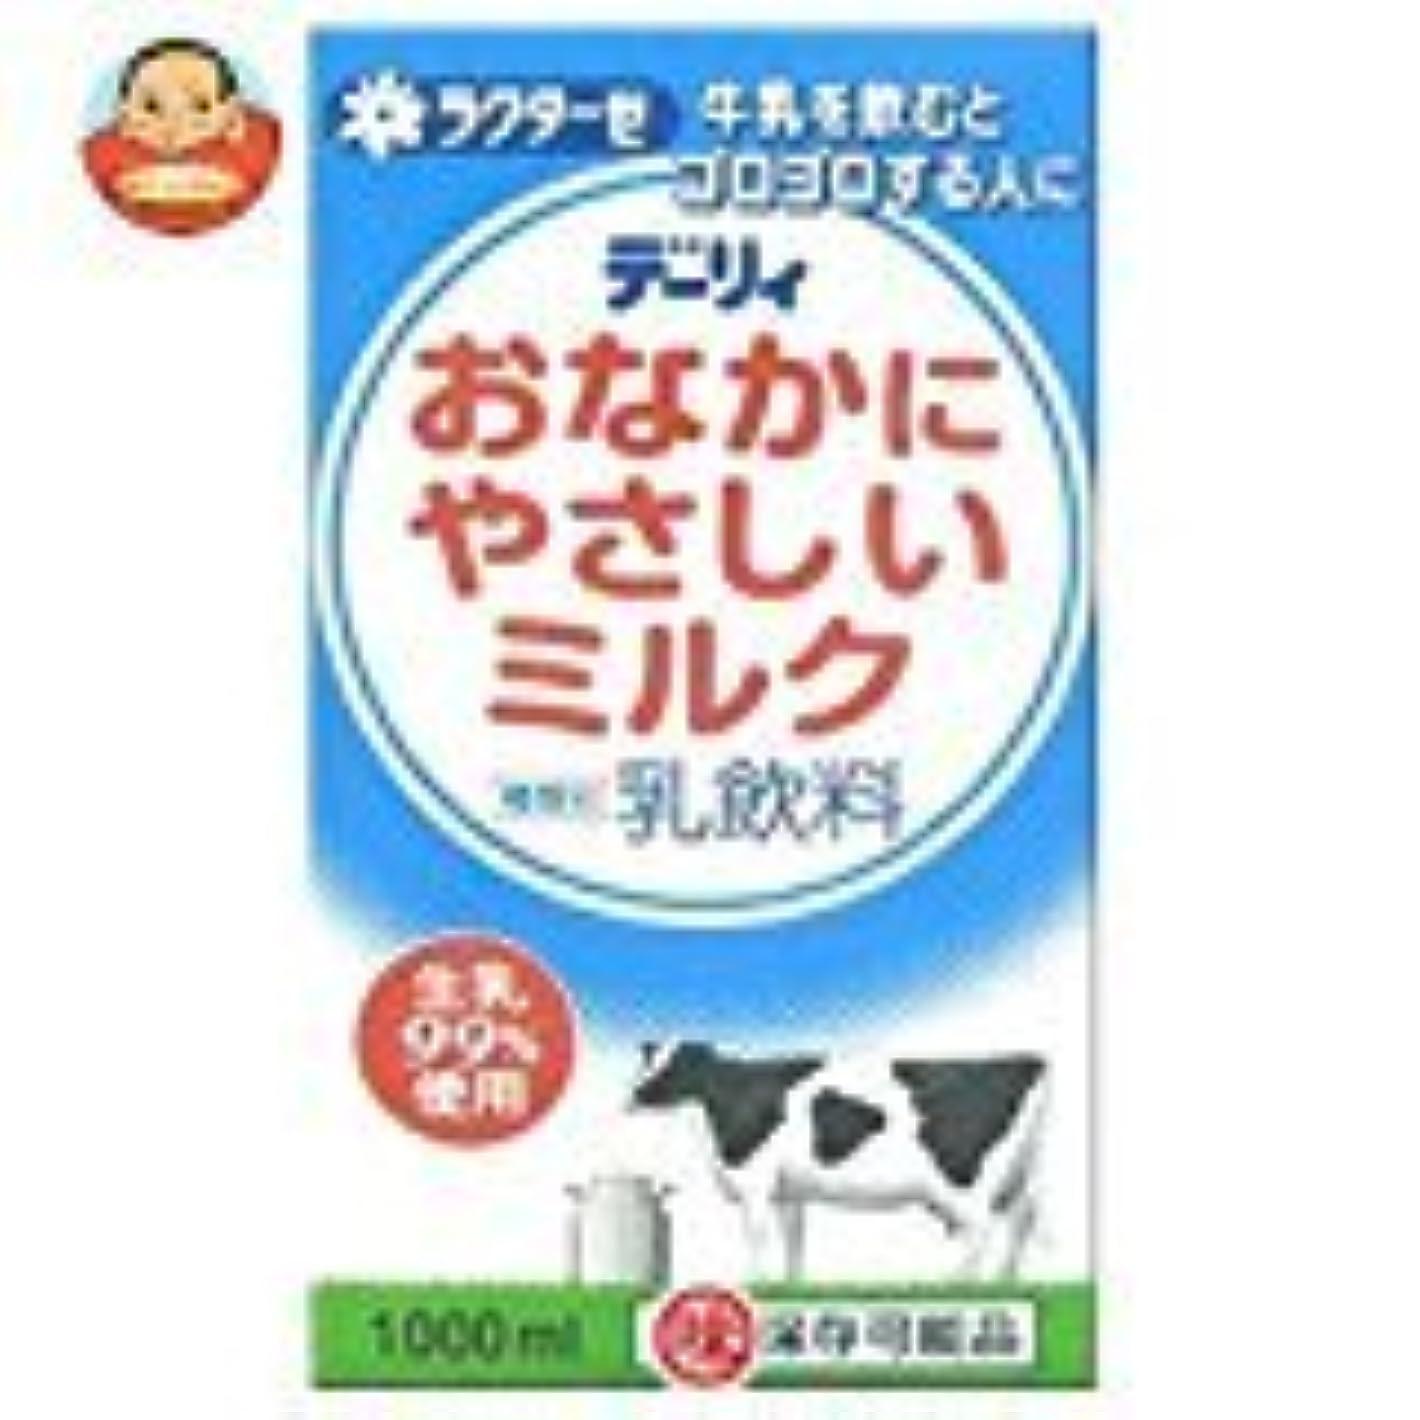 管理する裏切りボンド南日本酪農協同 デーリィ おなかにやさしいミルク 1L紙パック×12(6×2)本入